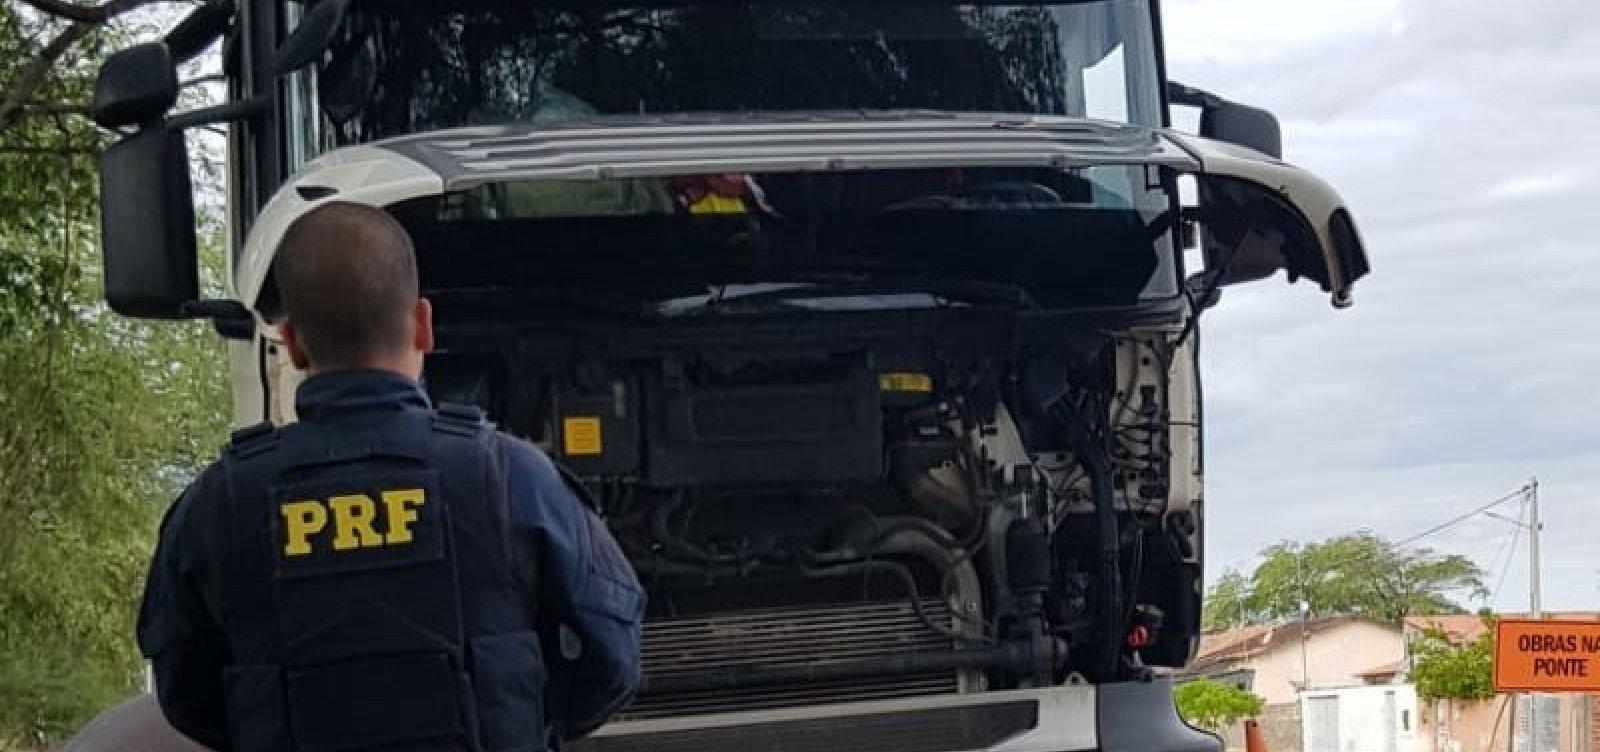 Motorista é detido e caminhão furtado é recuperado pela PRF em Paulo Afonso